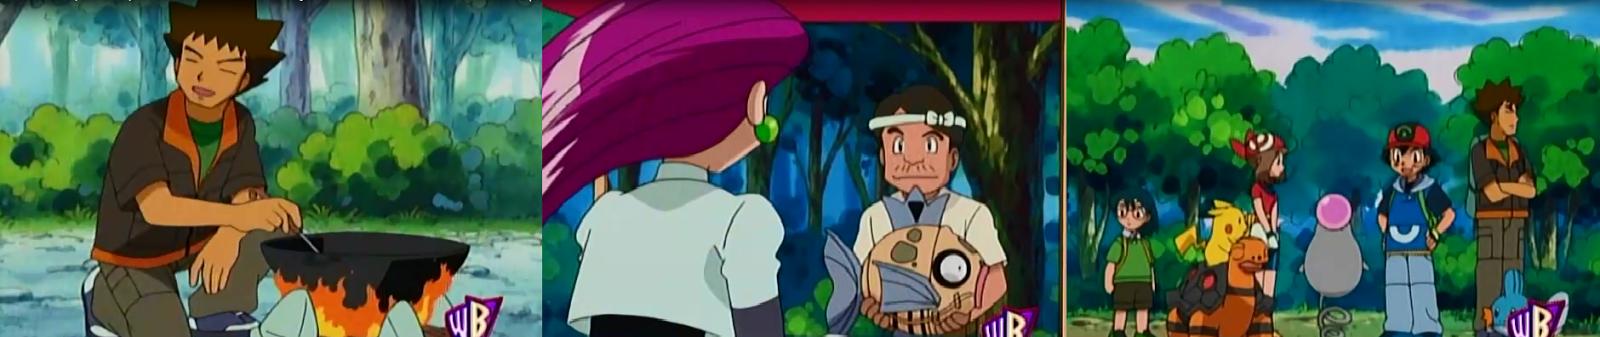 Pokemon Capitulo 39 Temporada 7 Las Perlas Son Las Mejores Amigas De Un Spoink